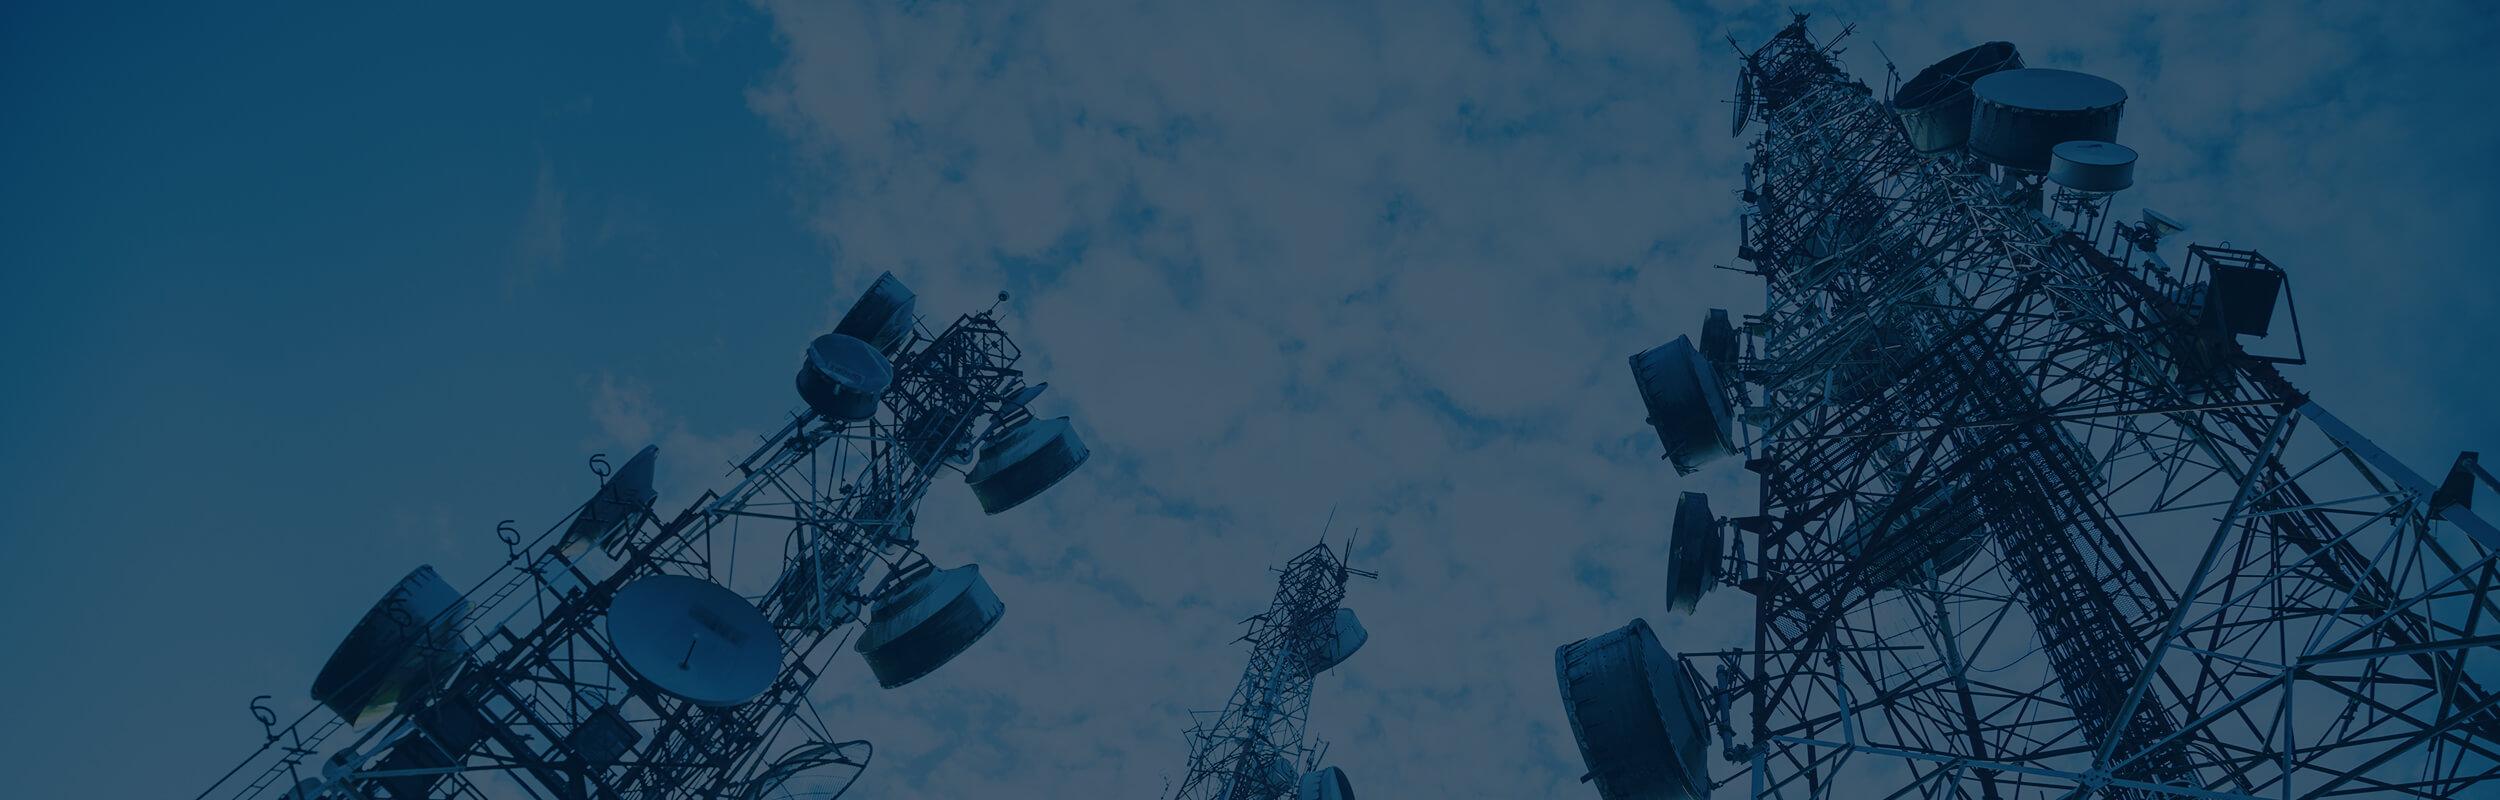 Emplois de technicien en télécommunications